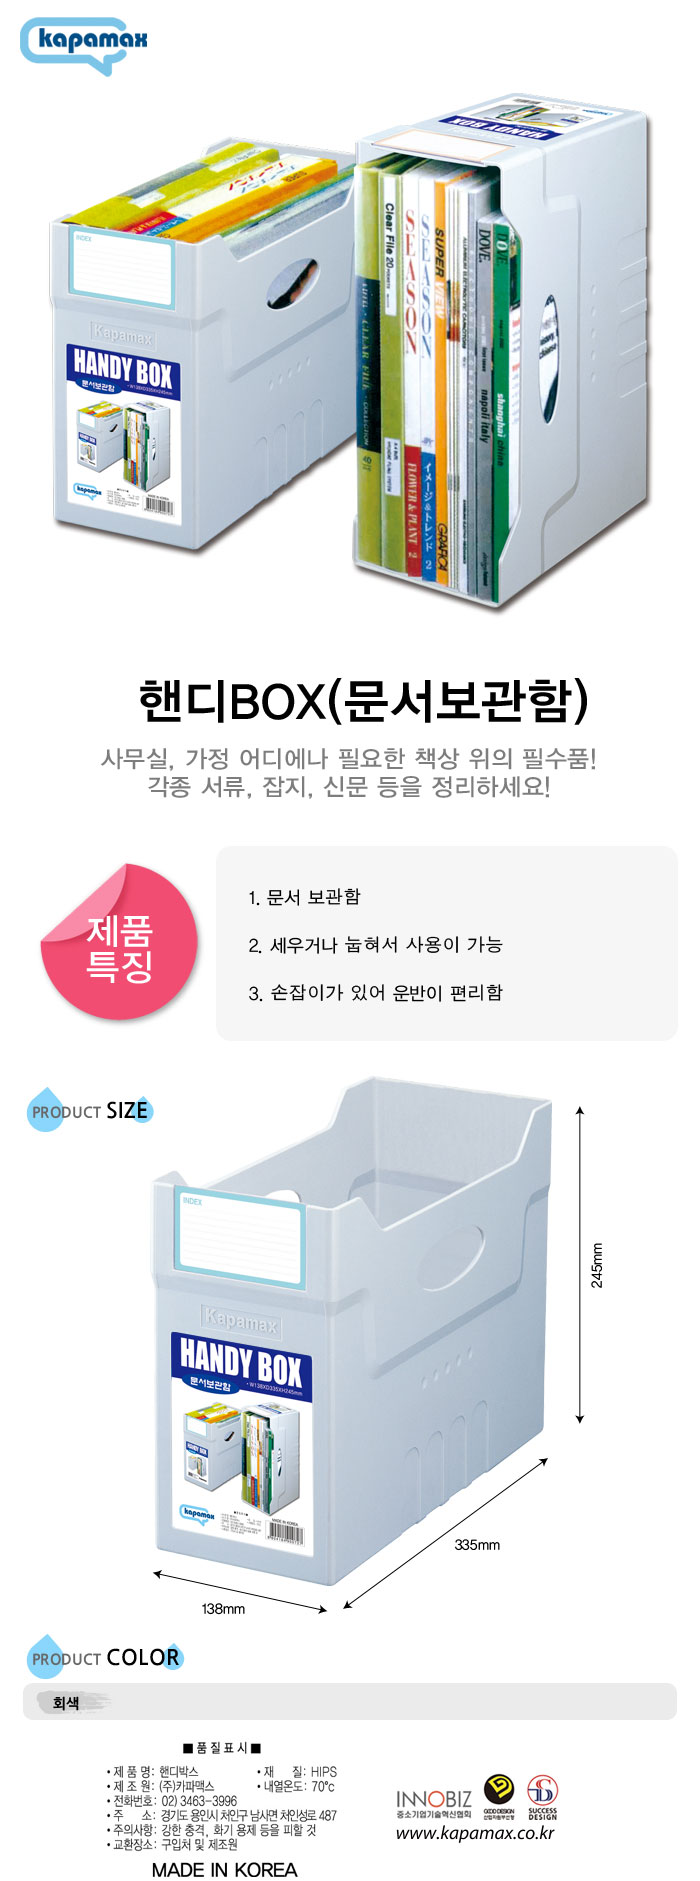 핸디BOX(카파맥스) - 오피스디포, 5,800원, 데스크정리, 서류/파일홀더